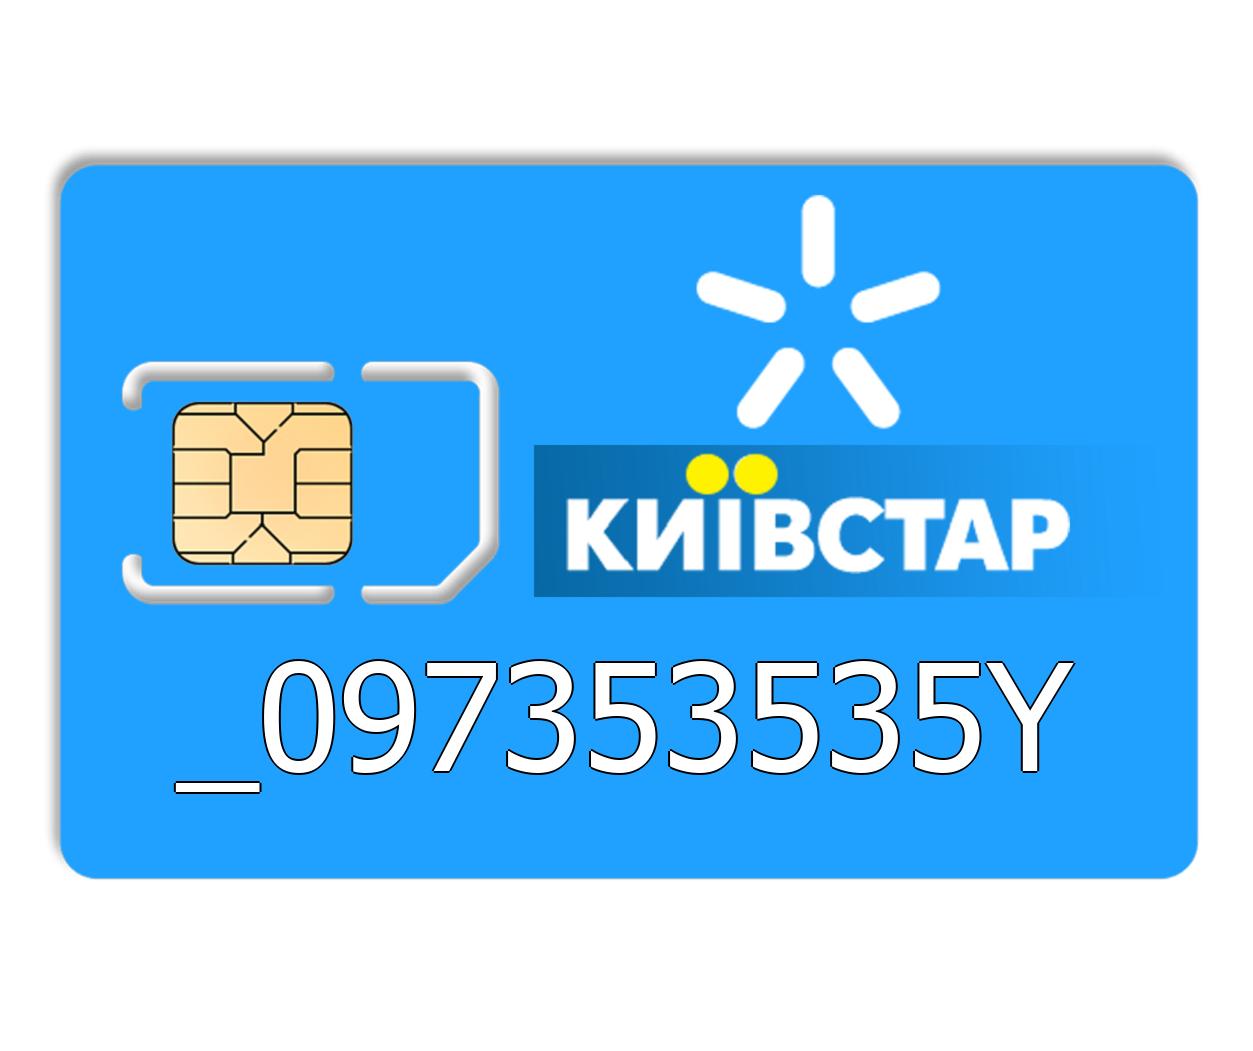 Красивый номер Киевстар 097353535Y